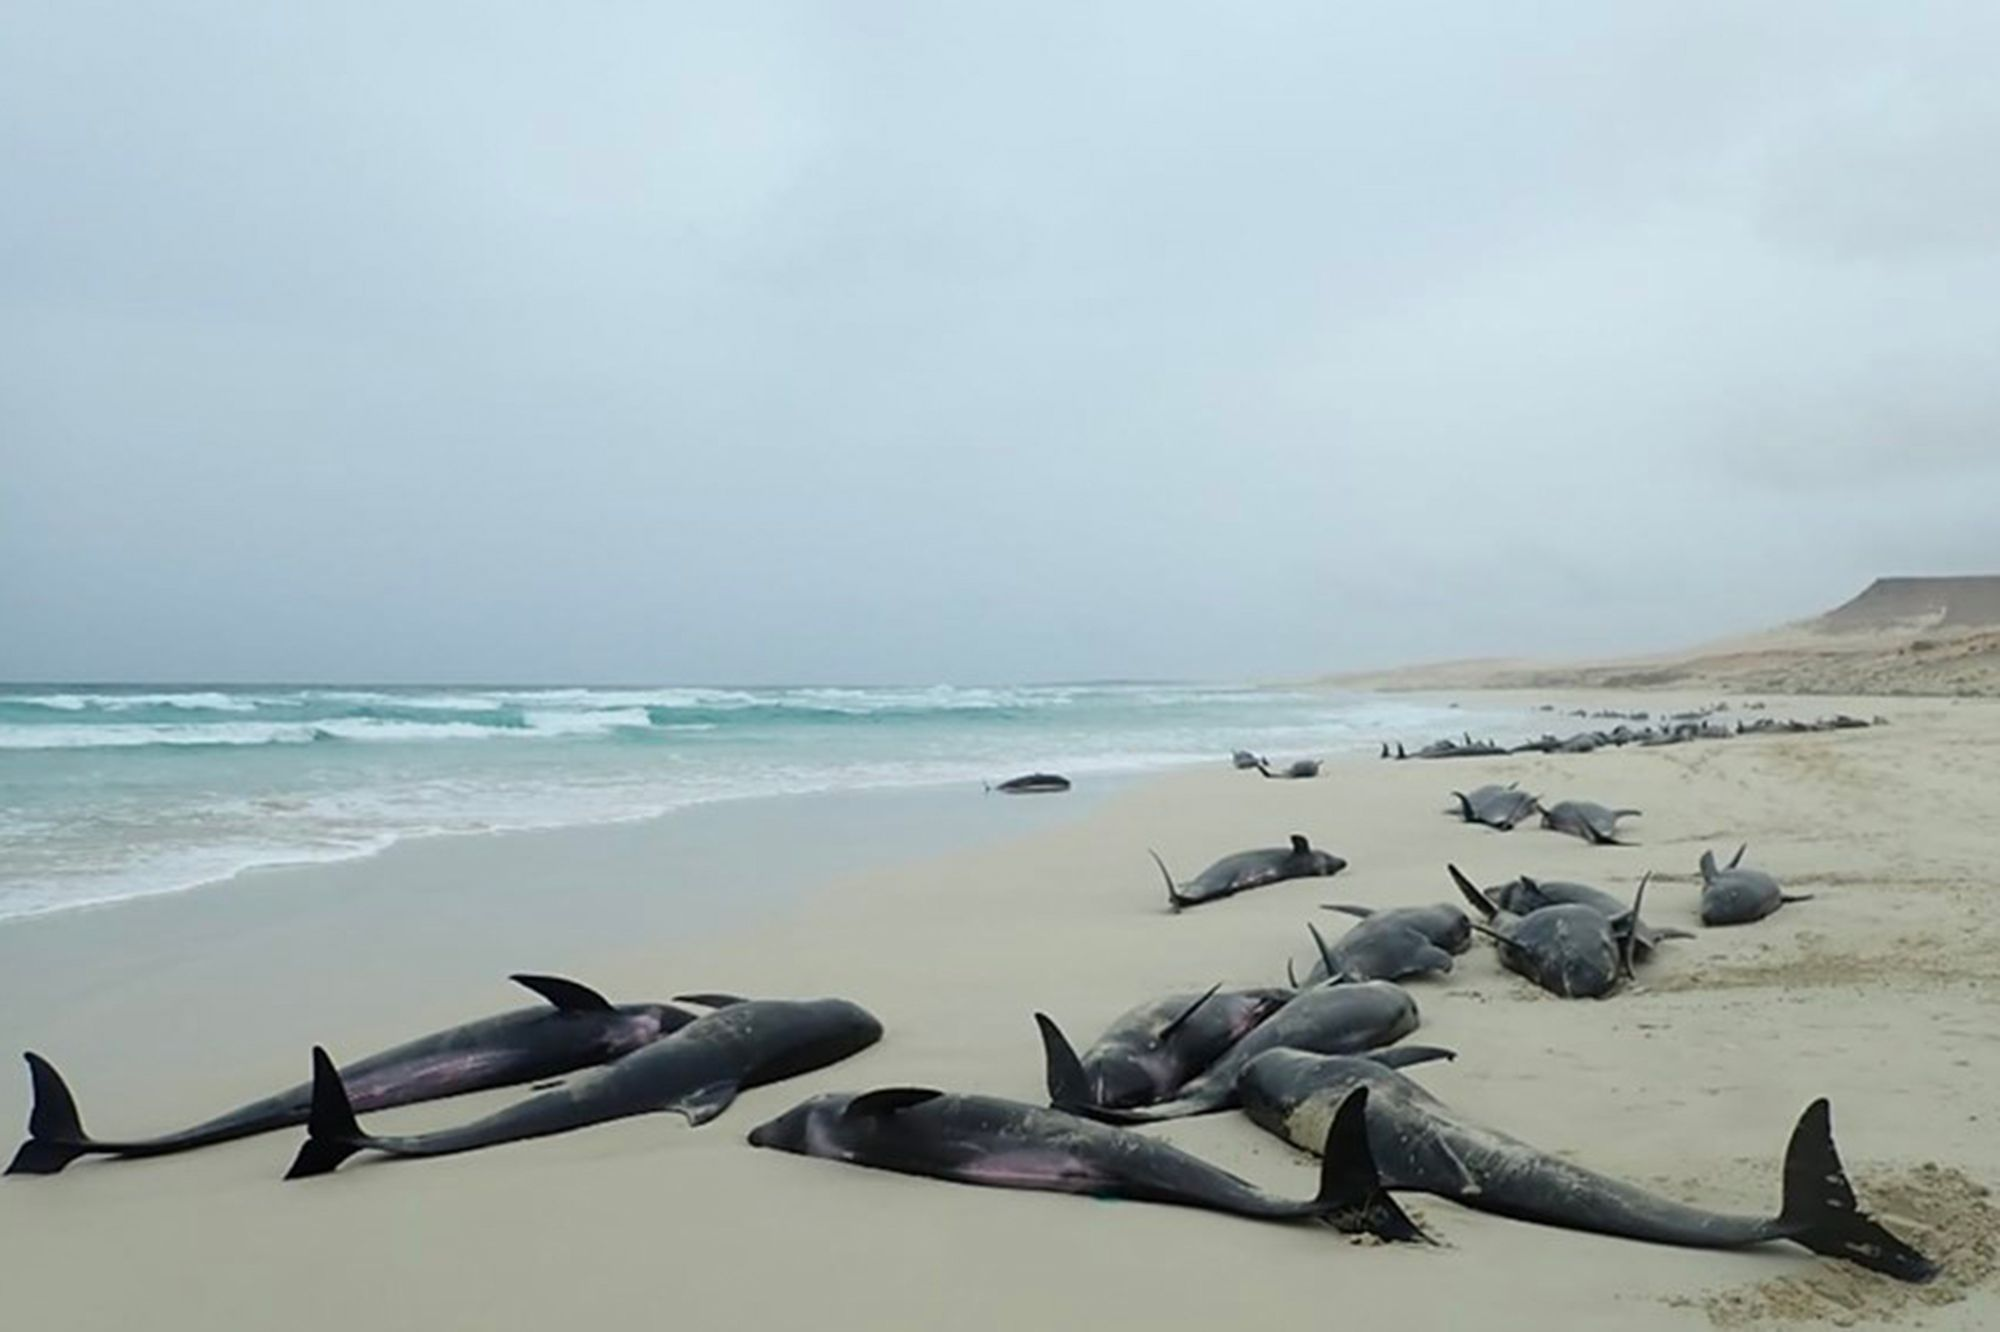 Les Images Atroces De L Hécatombe De Dauphins Au Cap Vert